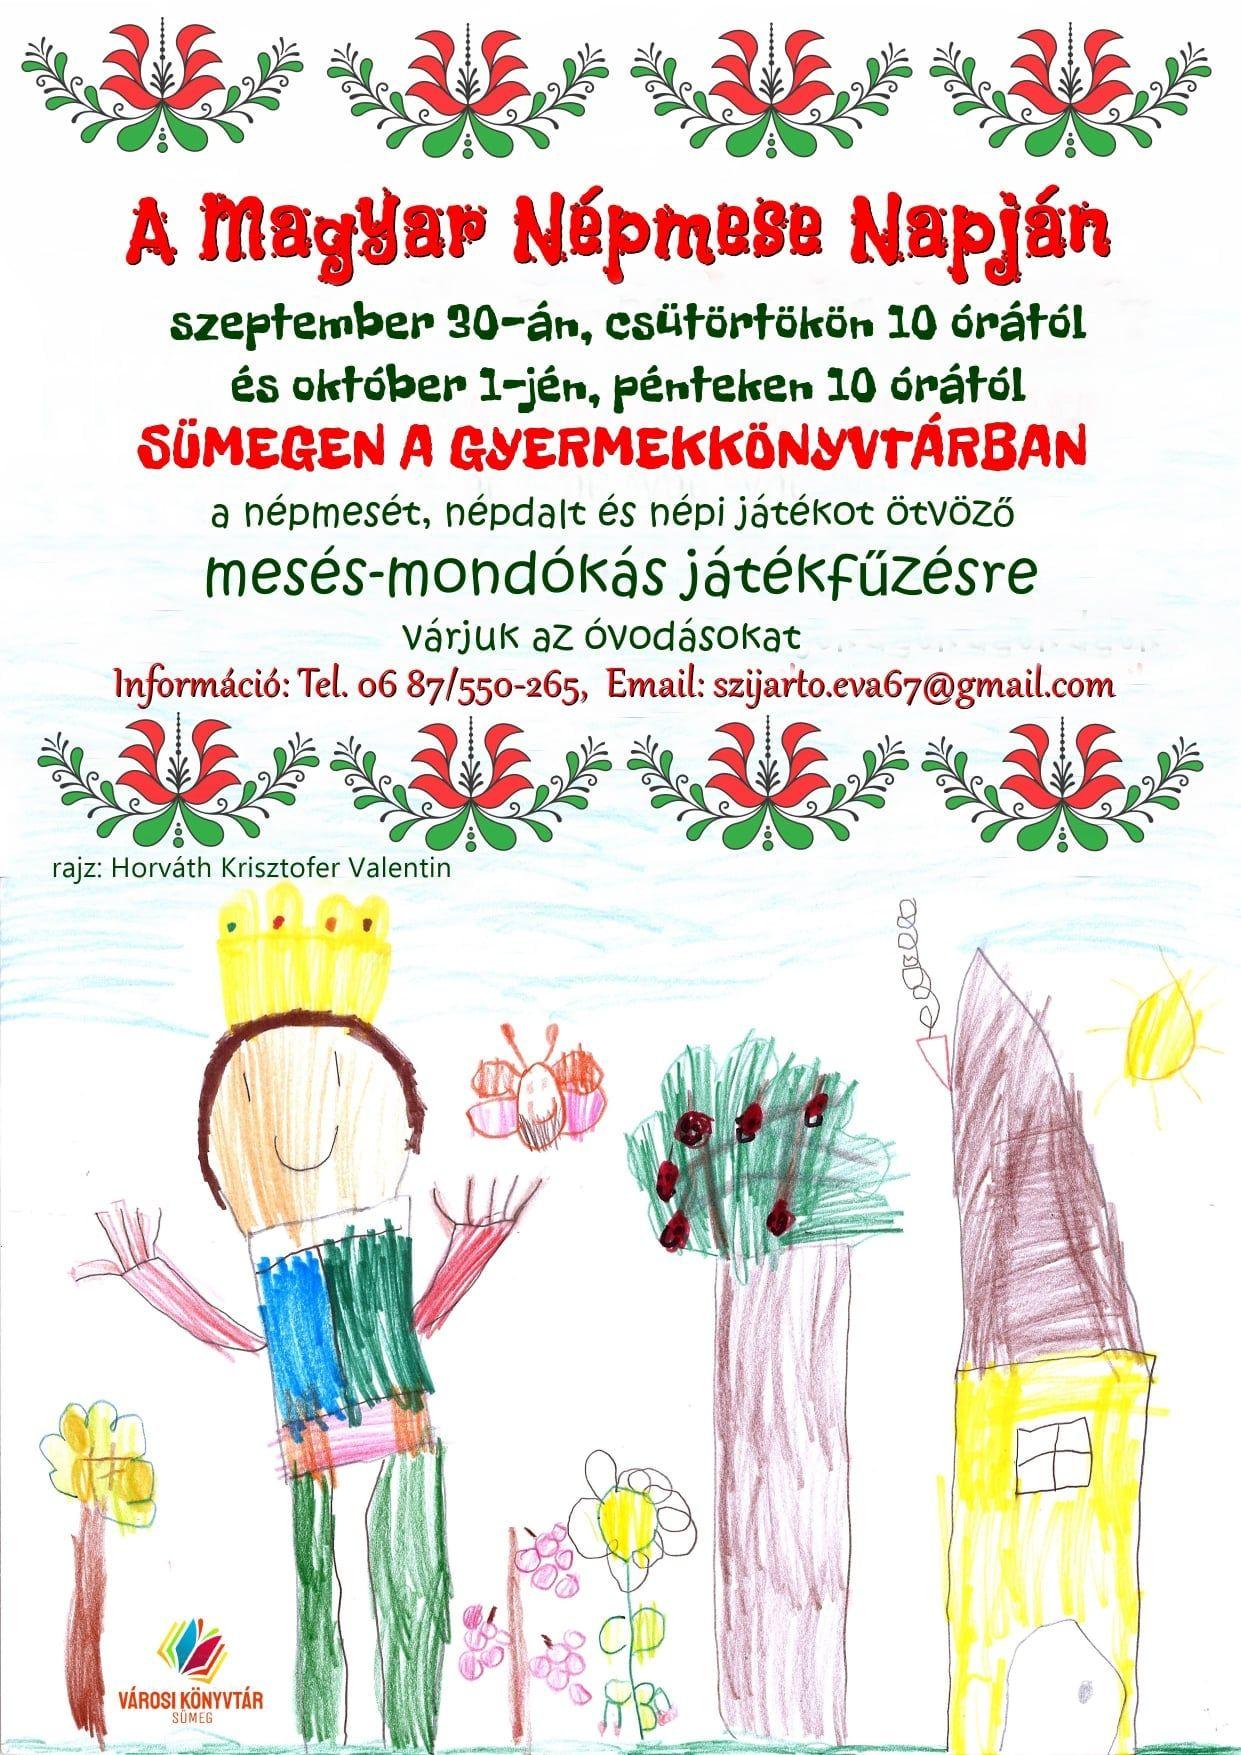 Magyar Népmese napja: mesés, mondókás játékfűzés